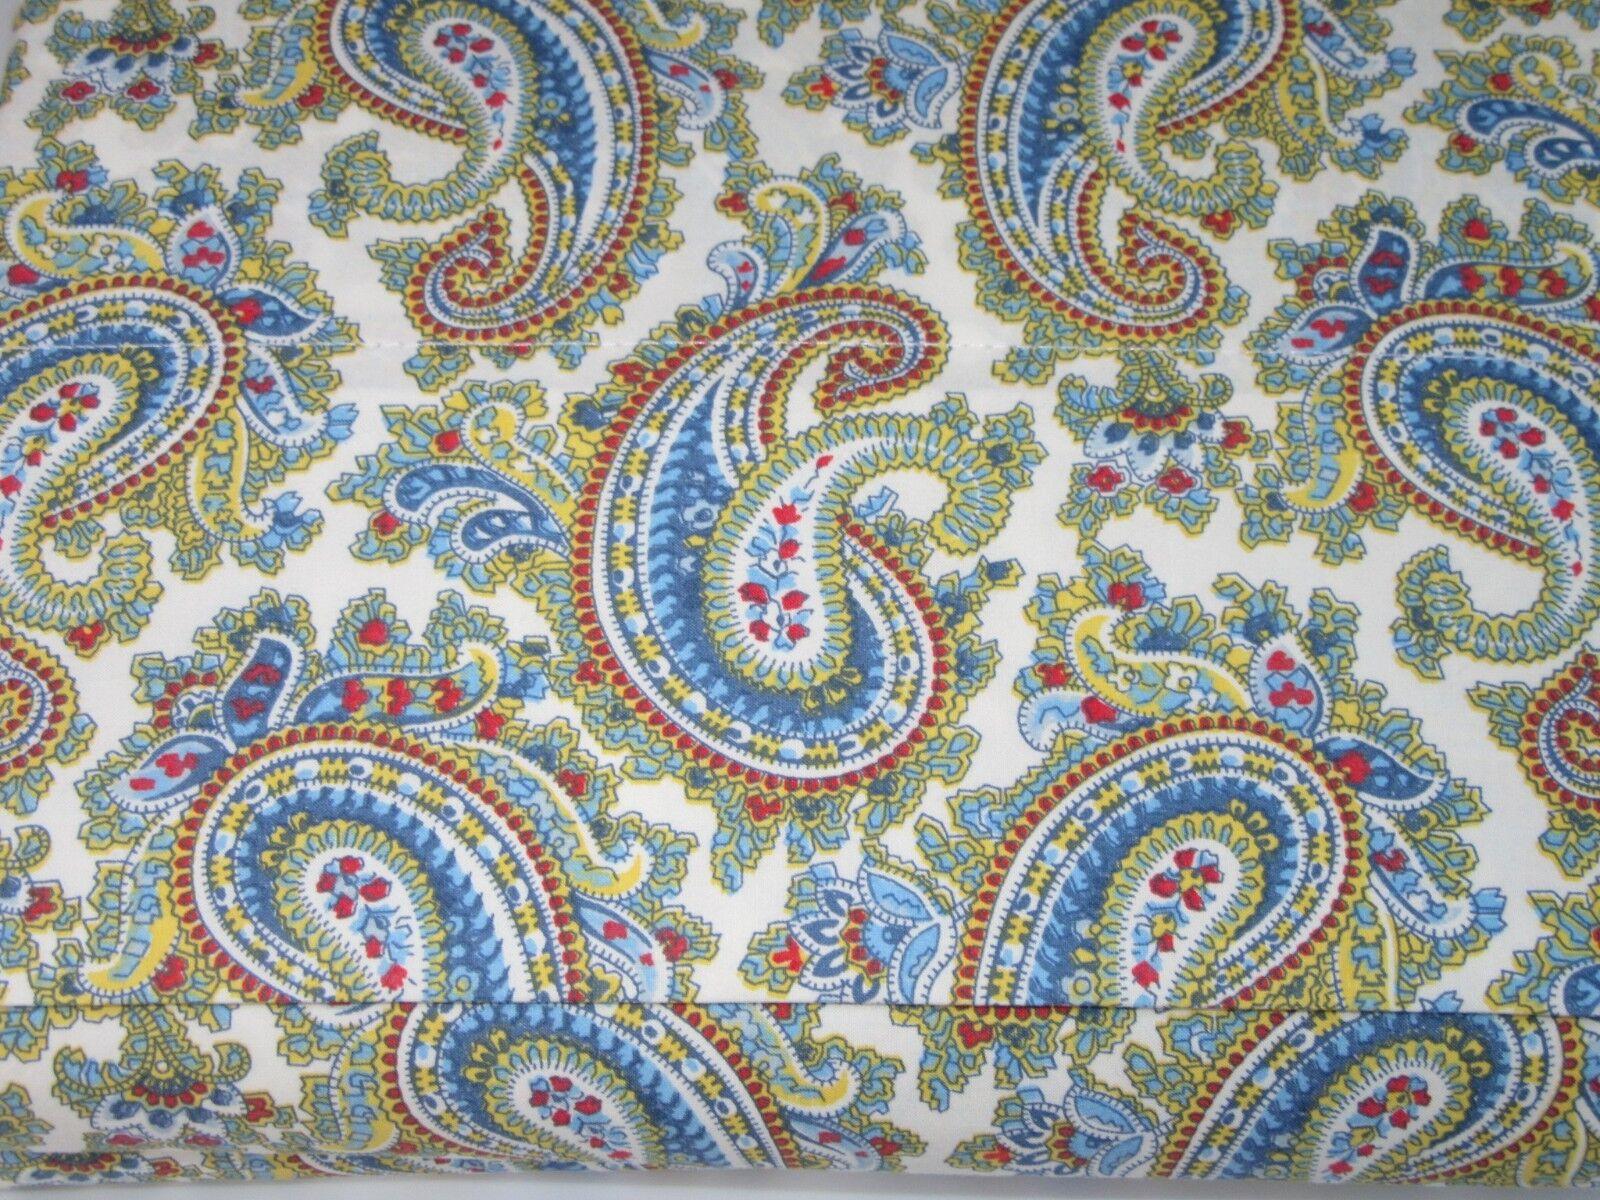 Ralph Lauren 100% Cotton QUEEN Flat Sheet Floral Paisley Blau rot Gelb NWOP